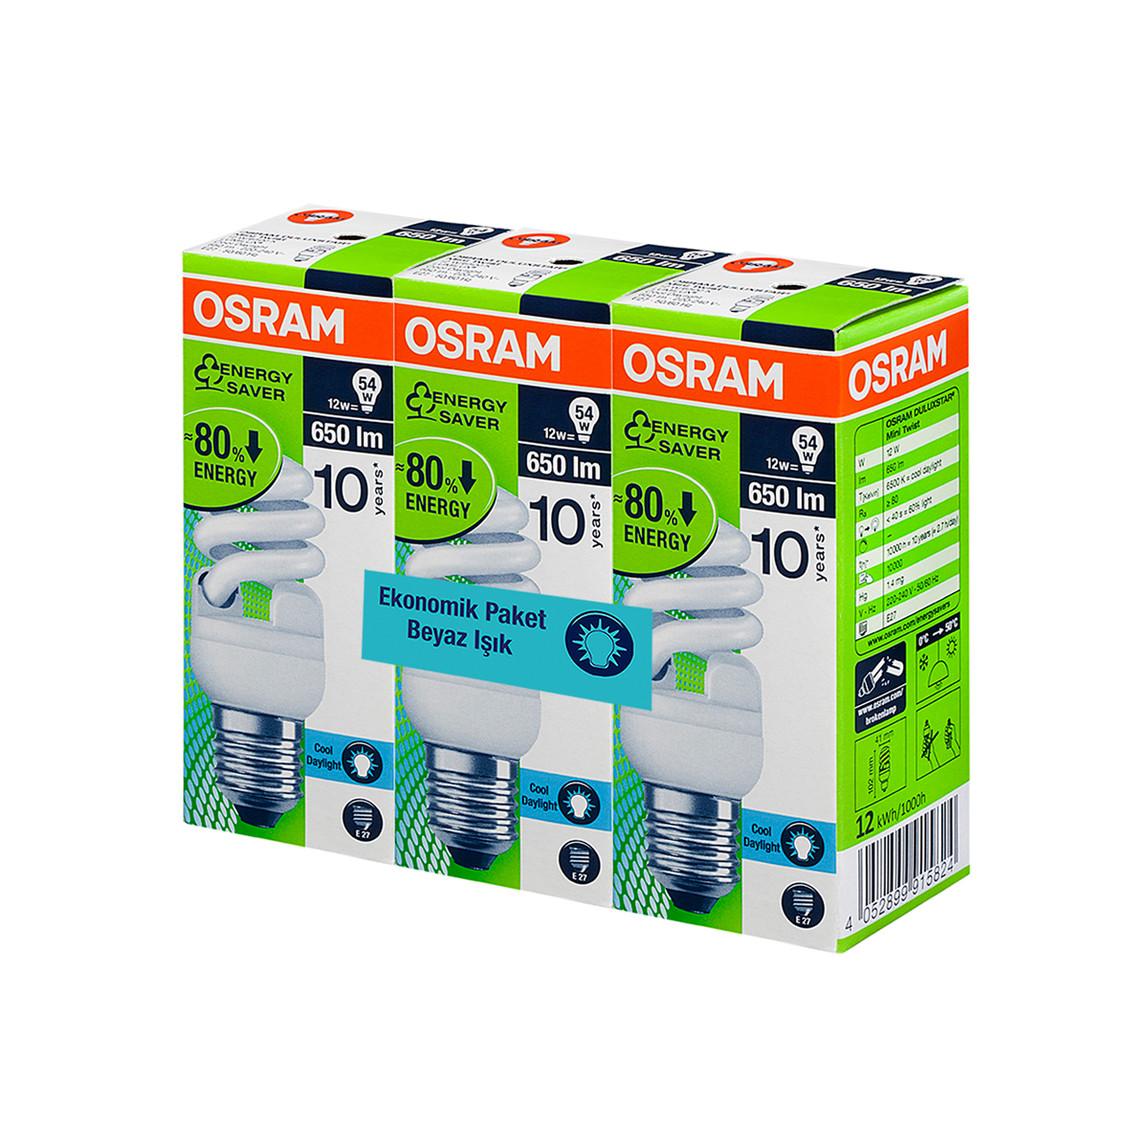 Osram 3'Lü 12W E27-Duy Enerji Tasarruflu Ampul Beyaz Işık